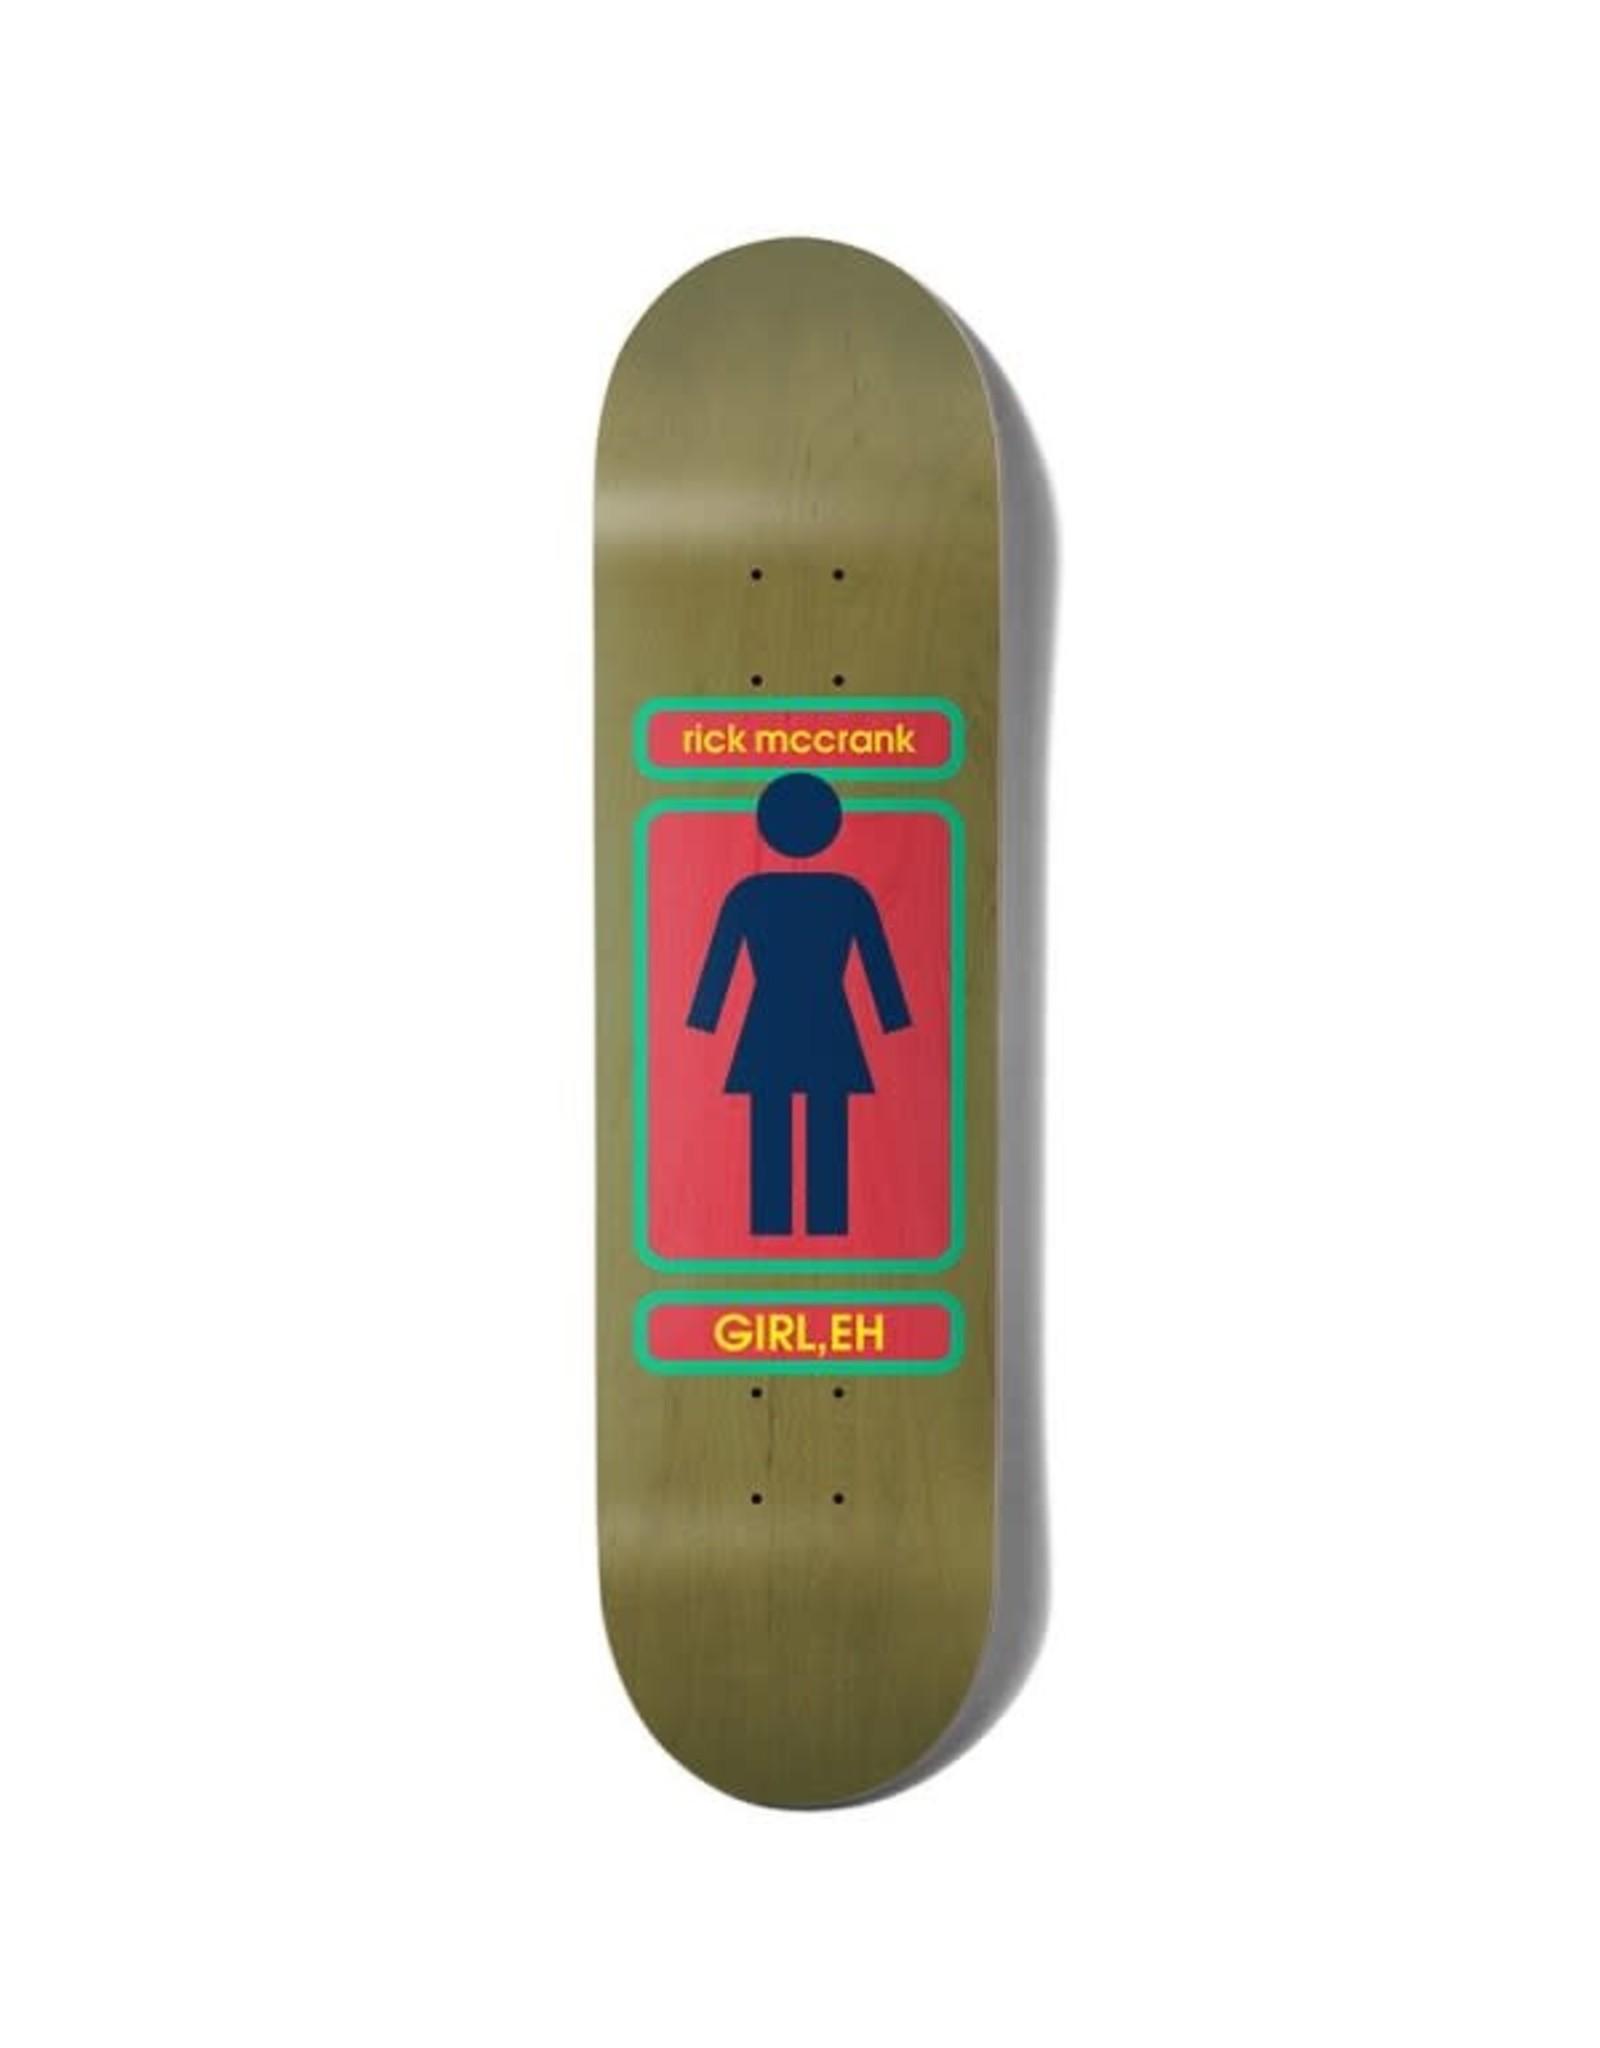 Girl Girl 8.375 Mccrank 93 Til Skateboard Deck